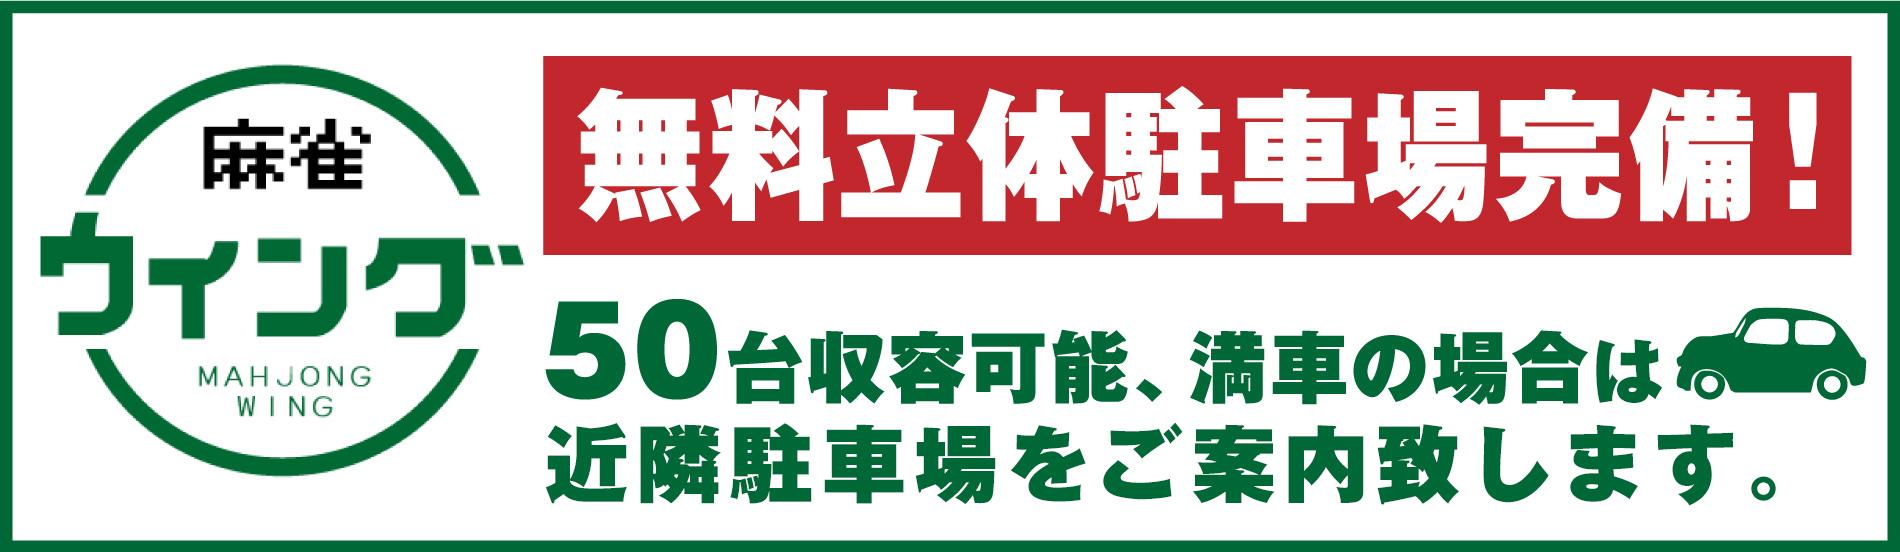 名古屋の貸卓 麻雀ウィング 駐車場無料